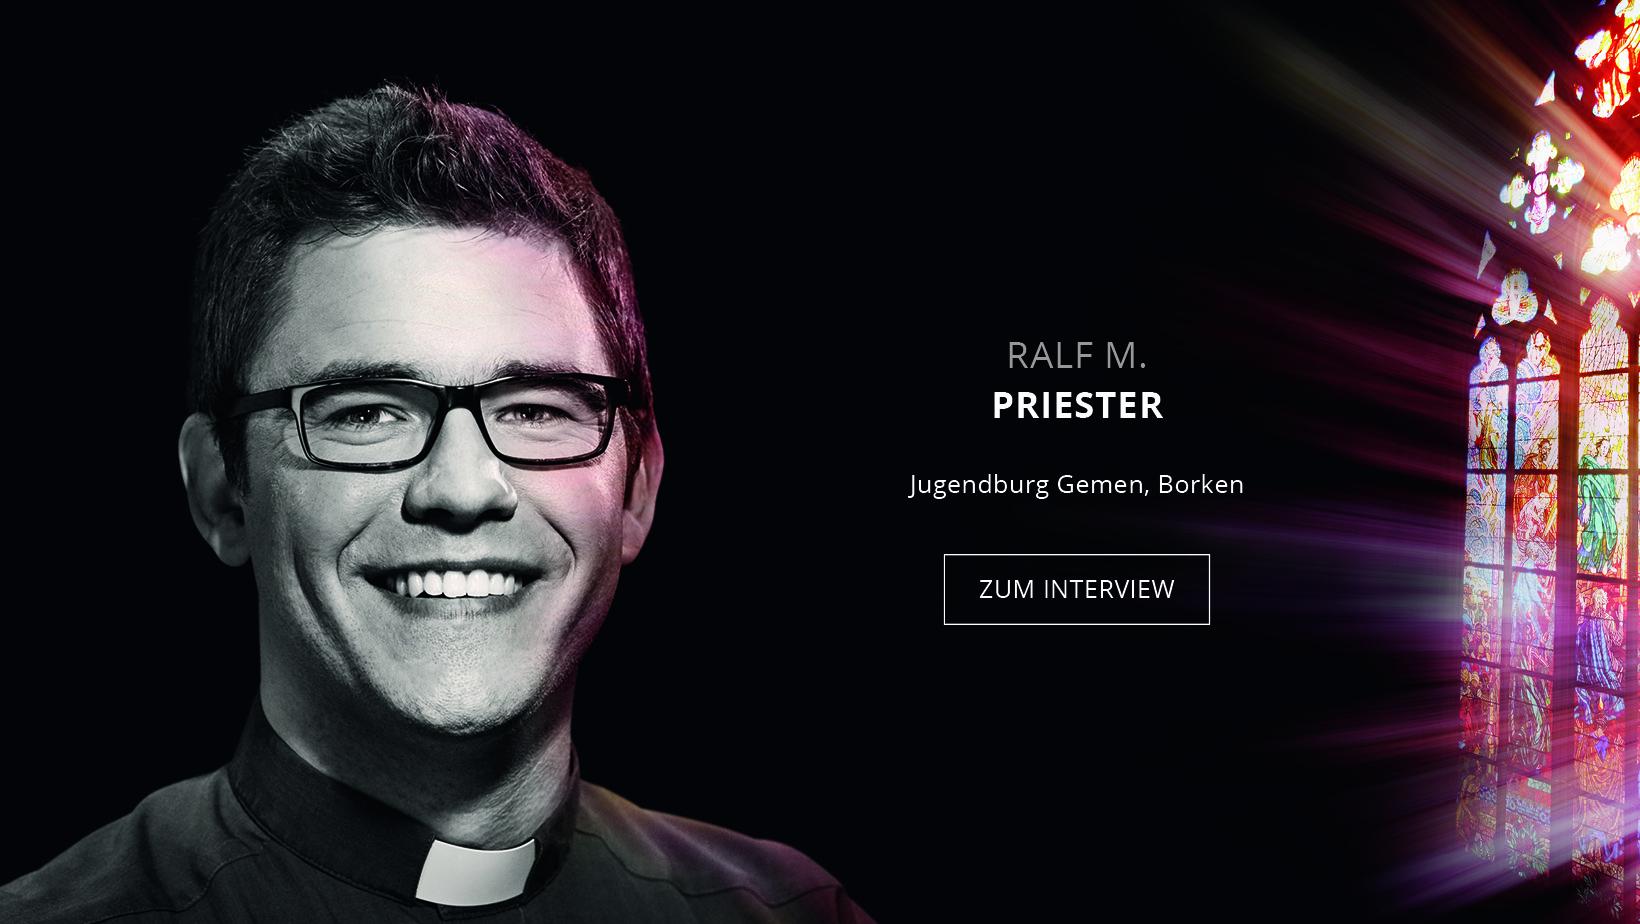 Priester Ralf Meyer